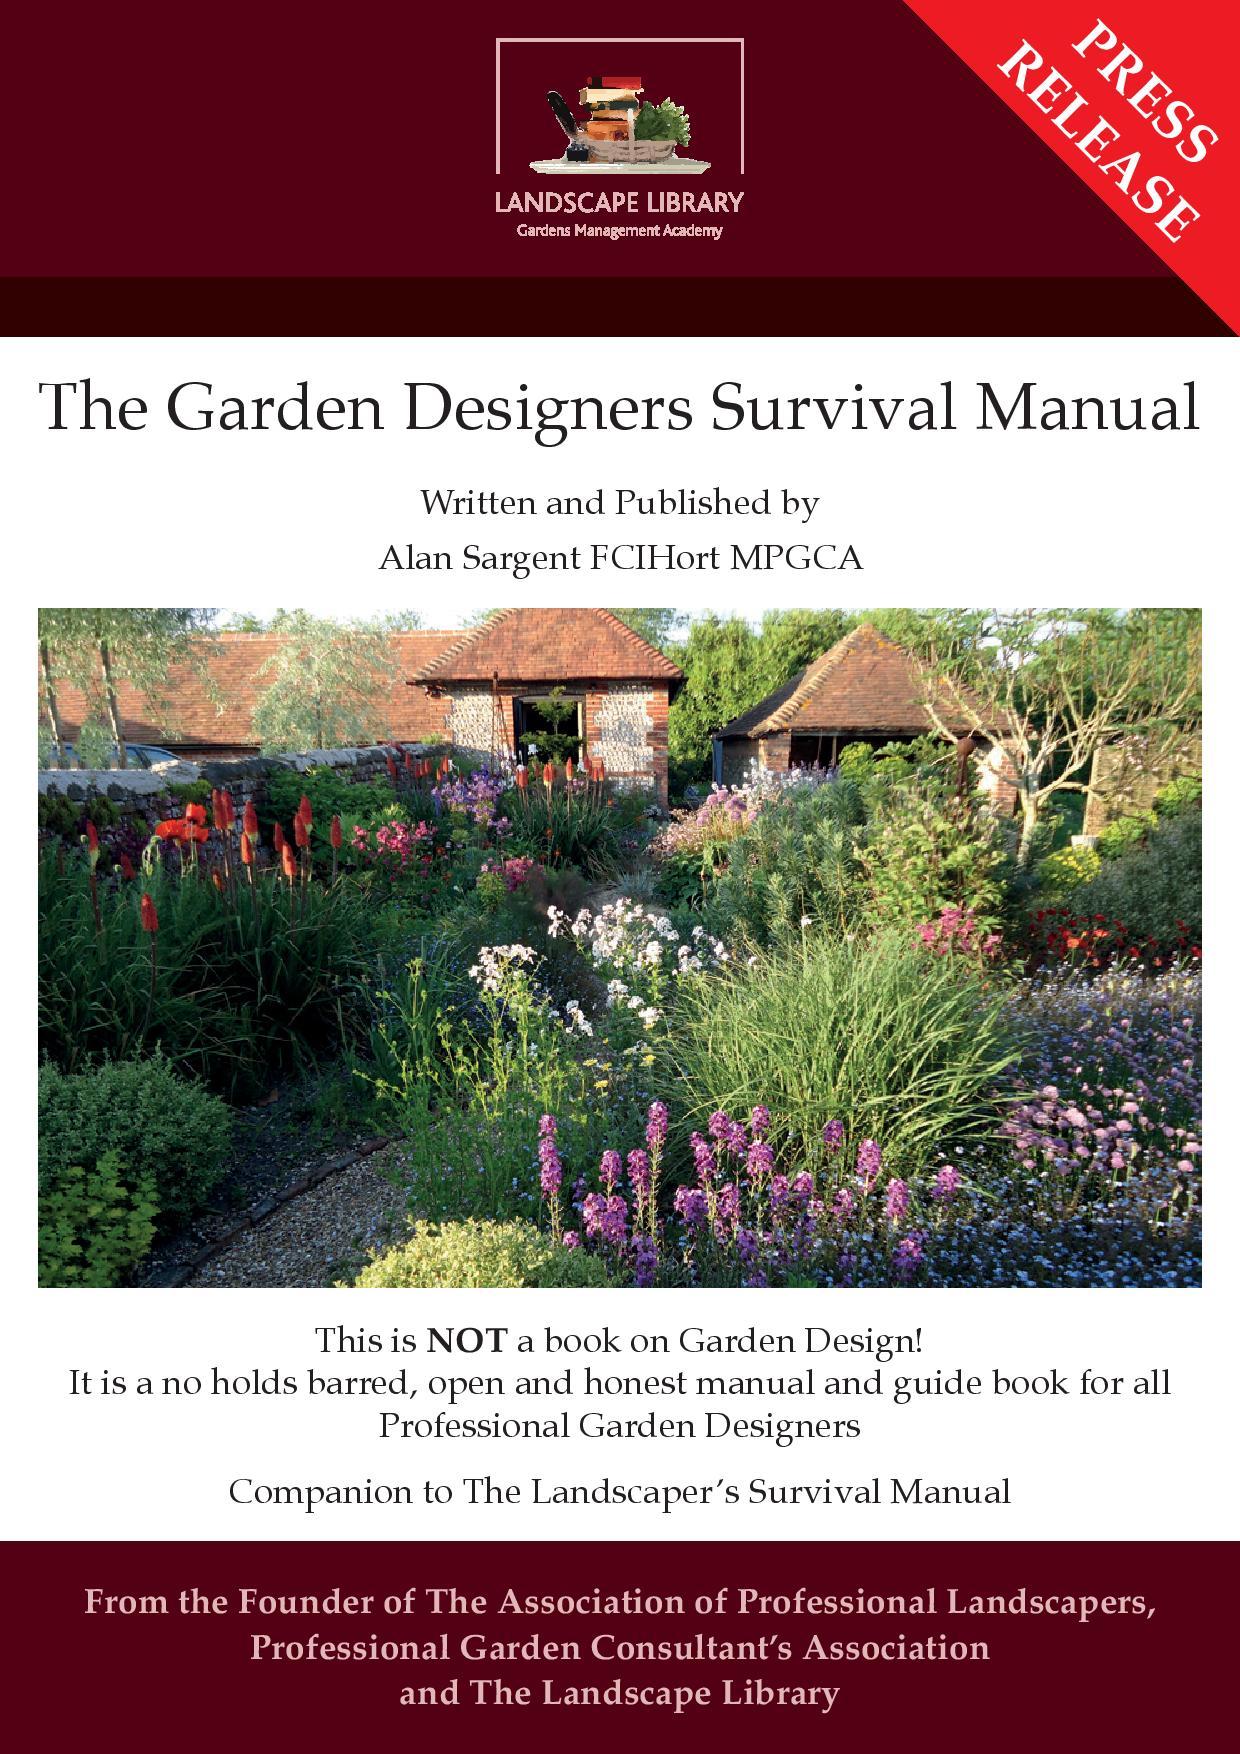 The Garden Designers Survival Manual